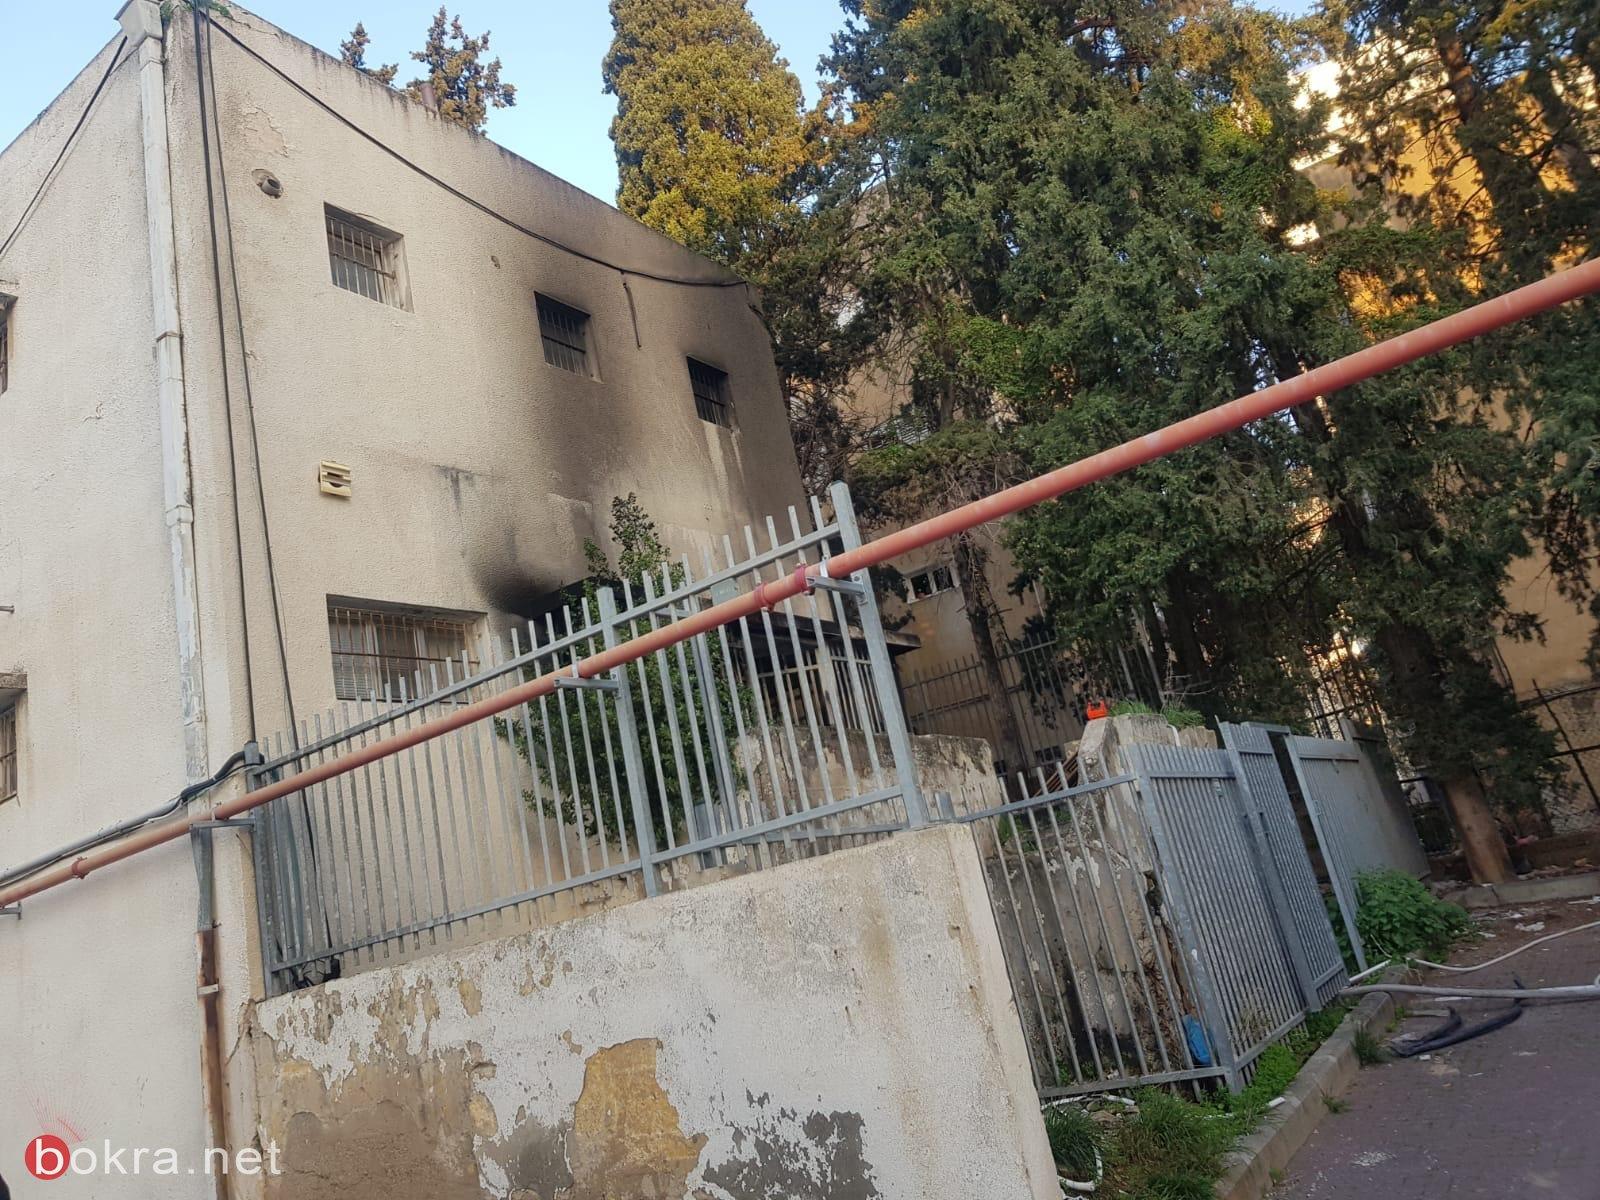 حيفا: اندلاع حريق في مبنى سكني  -0